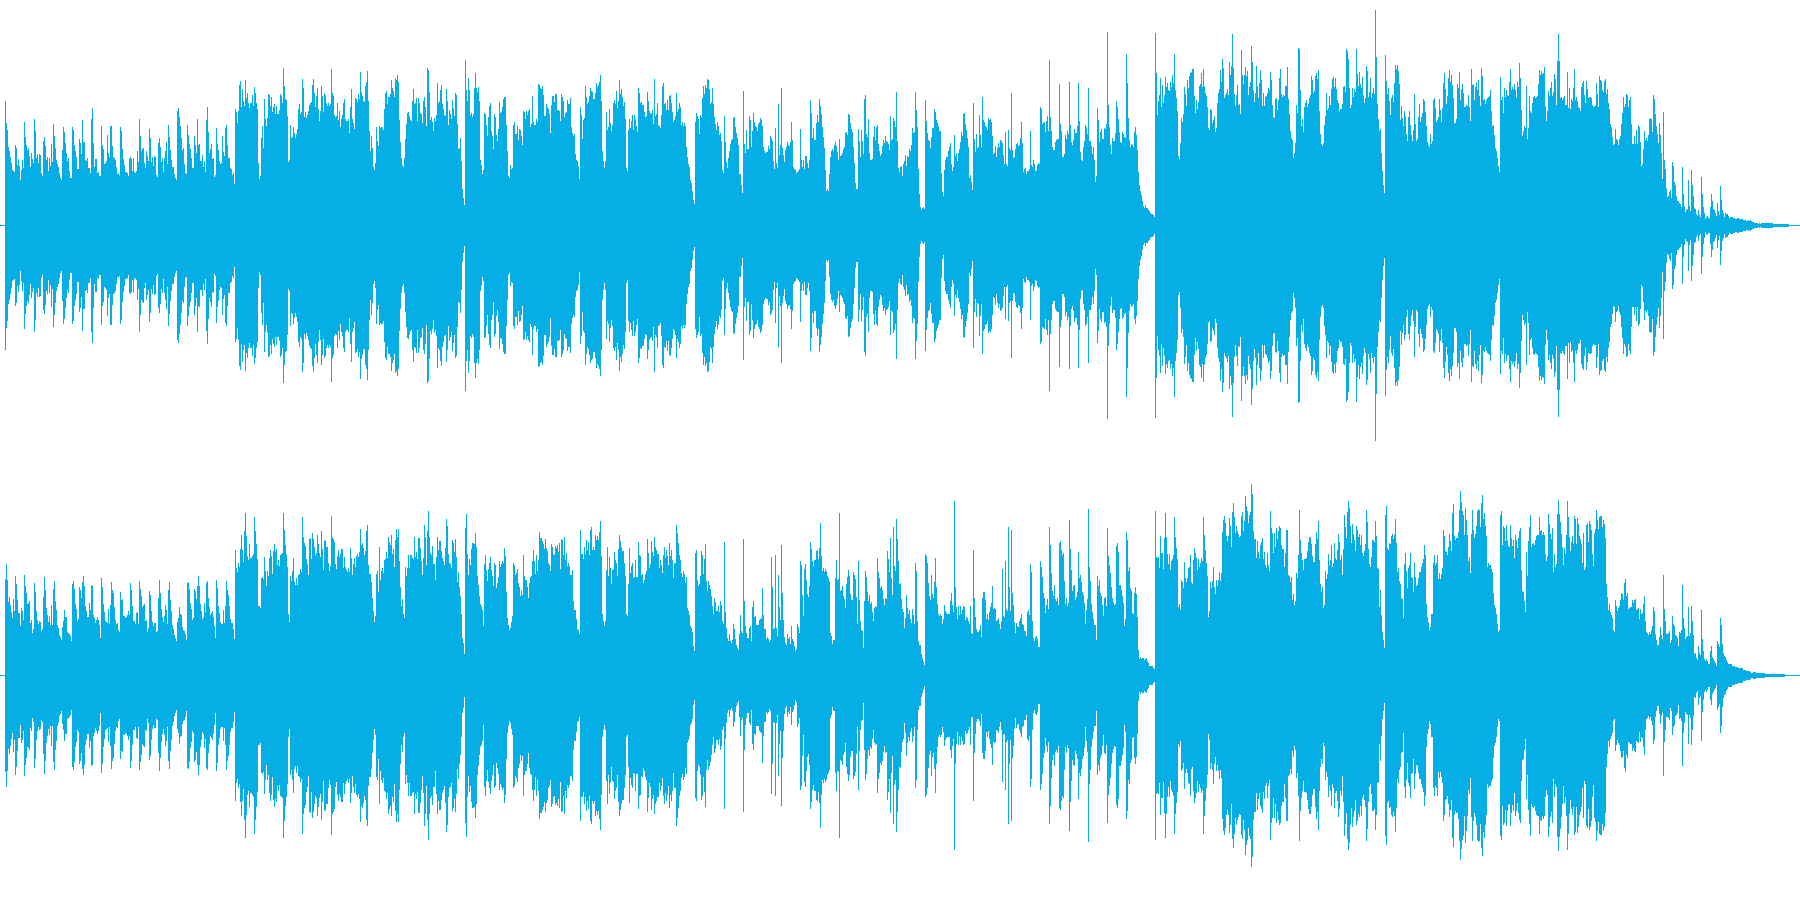 懐かしさを感じるリコーダーメインの曲の再生済みの波形